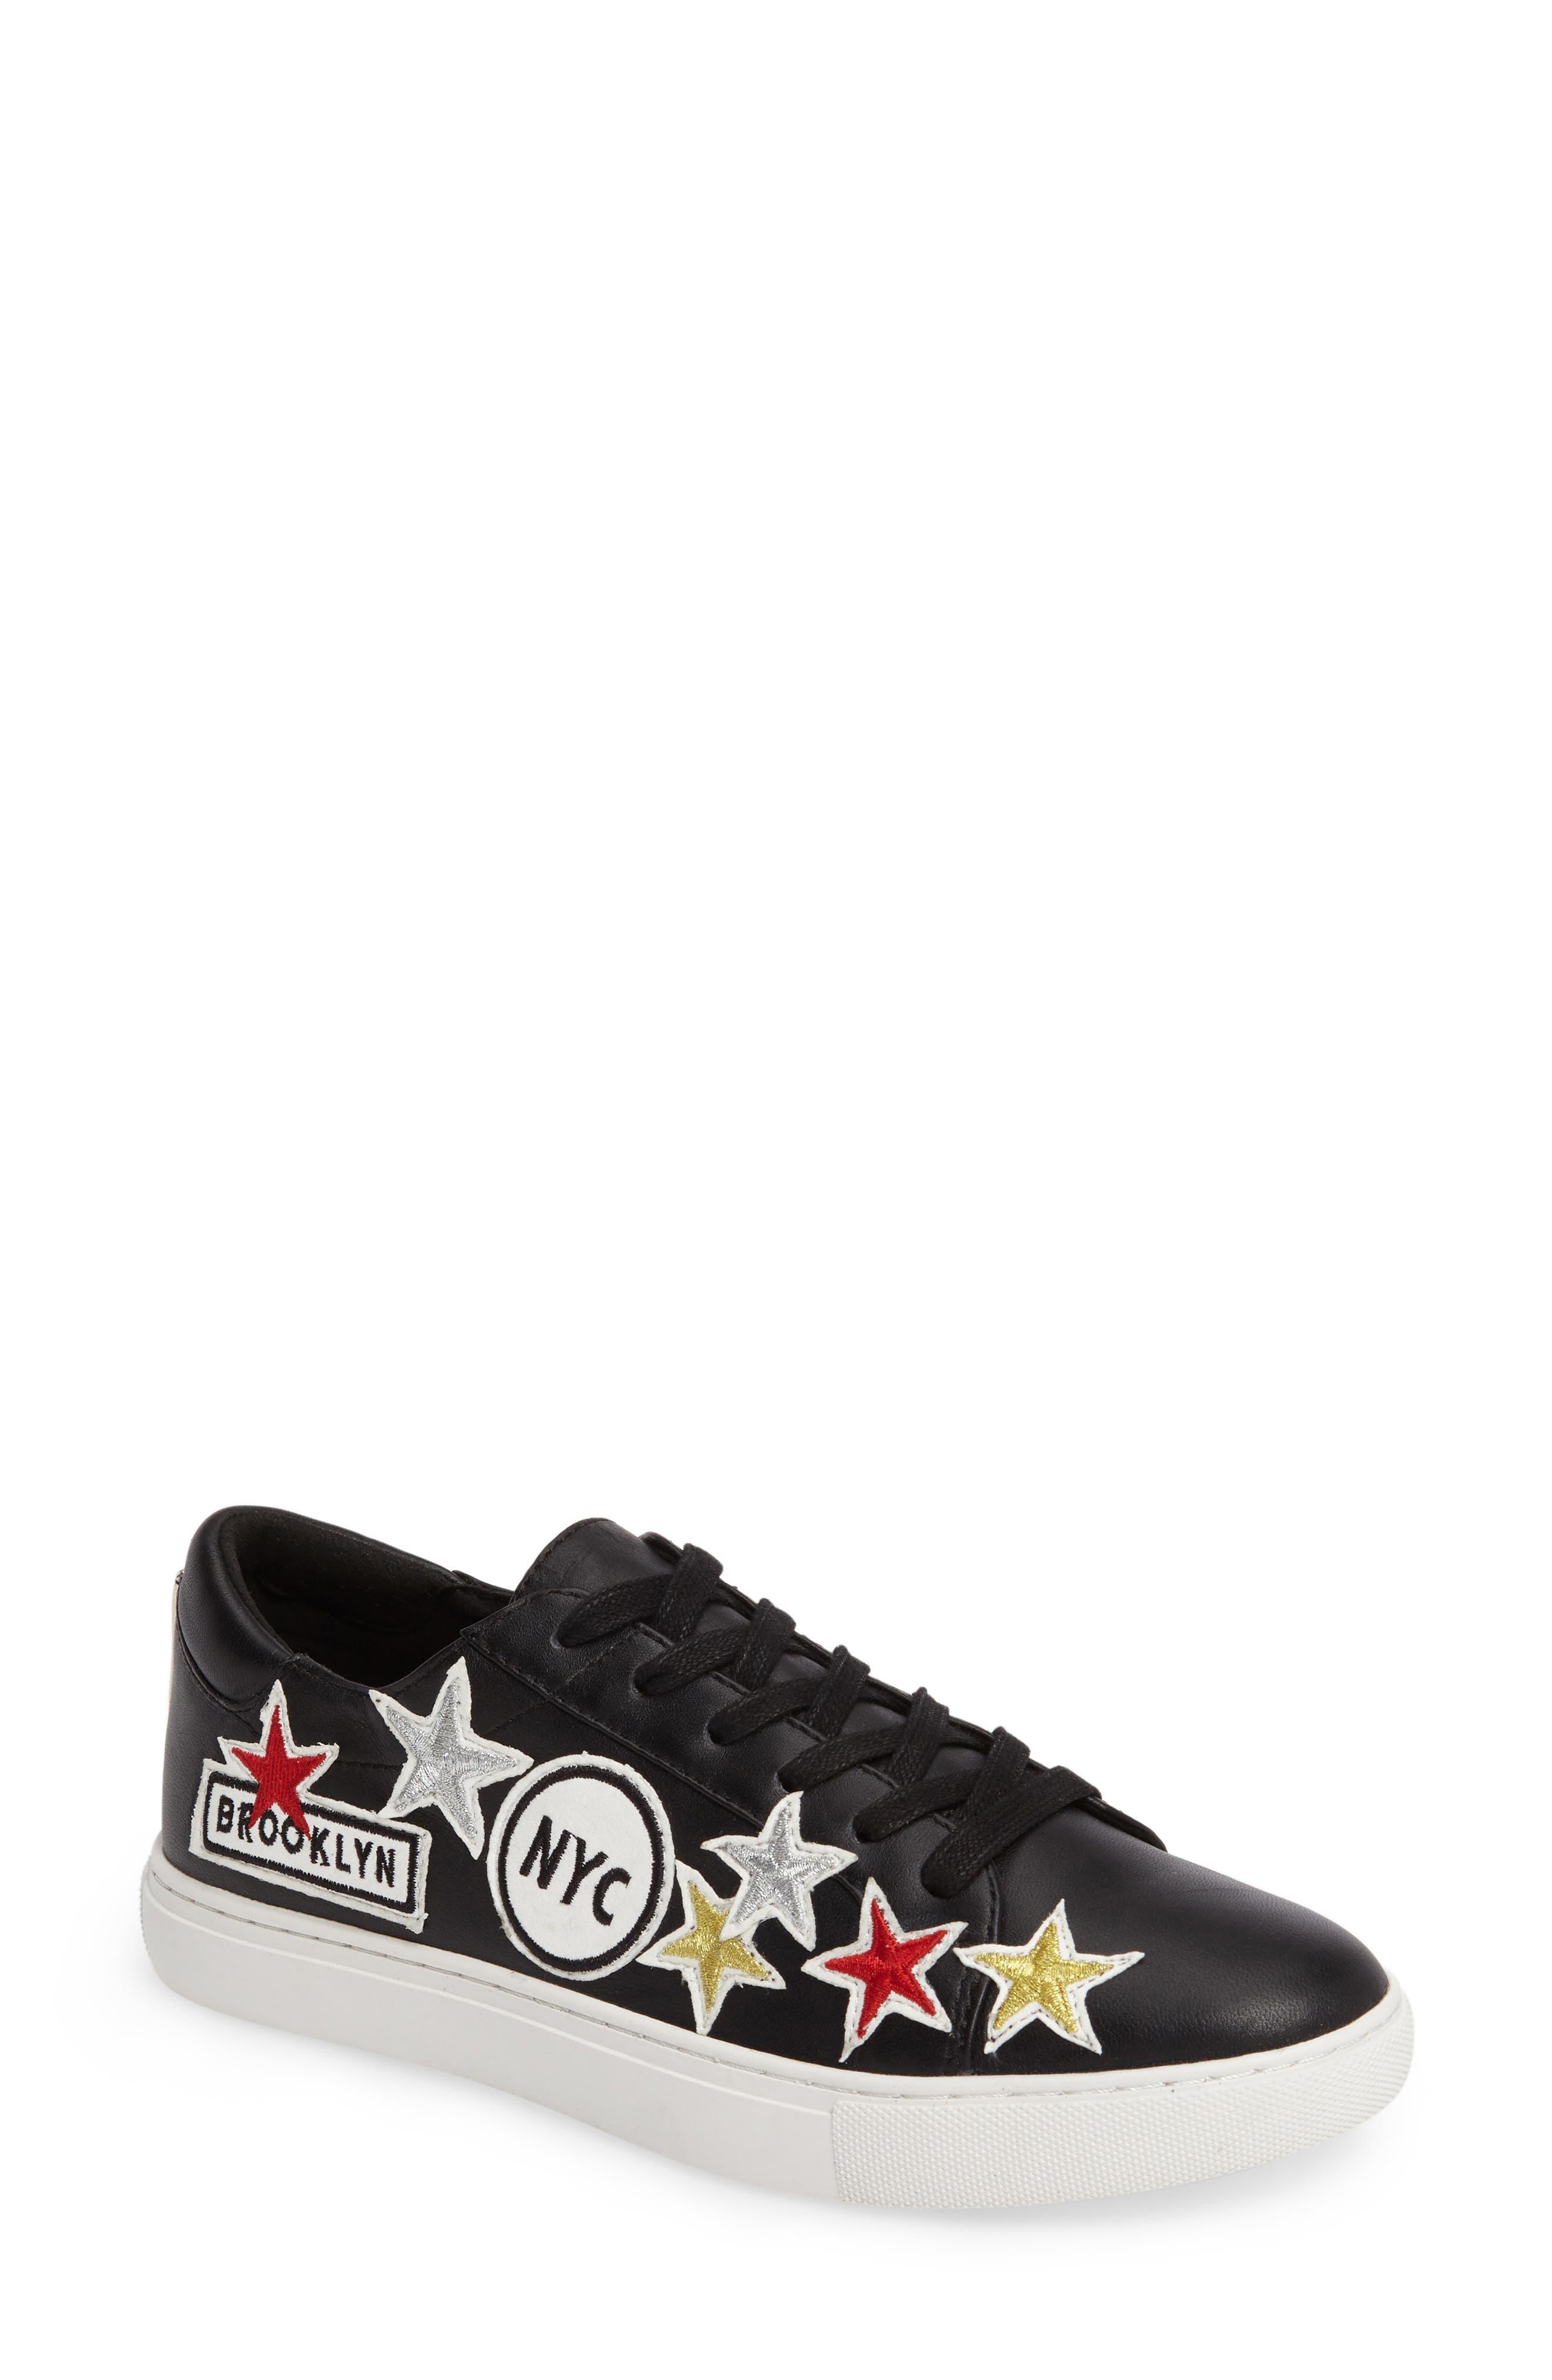 Kam NYC Sneaker,                         Main,                         color,